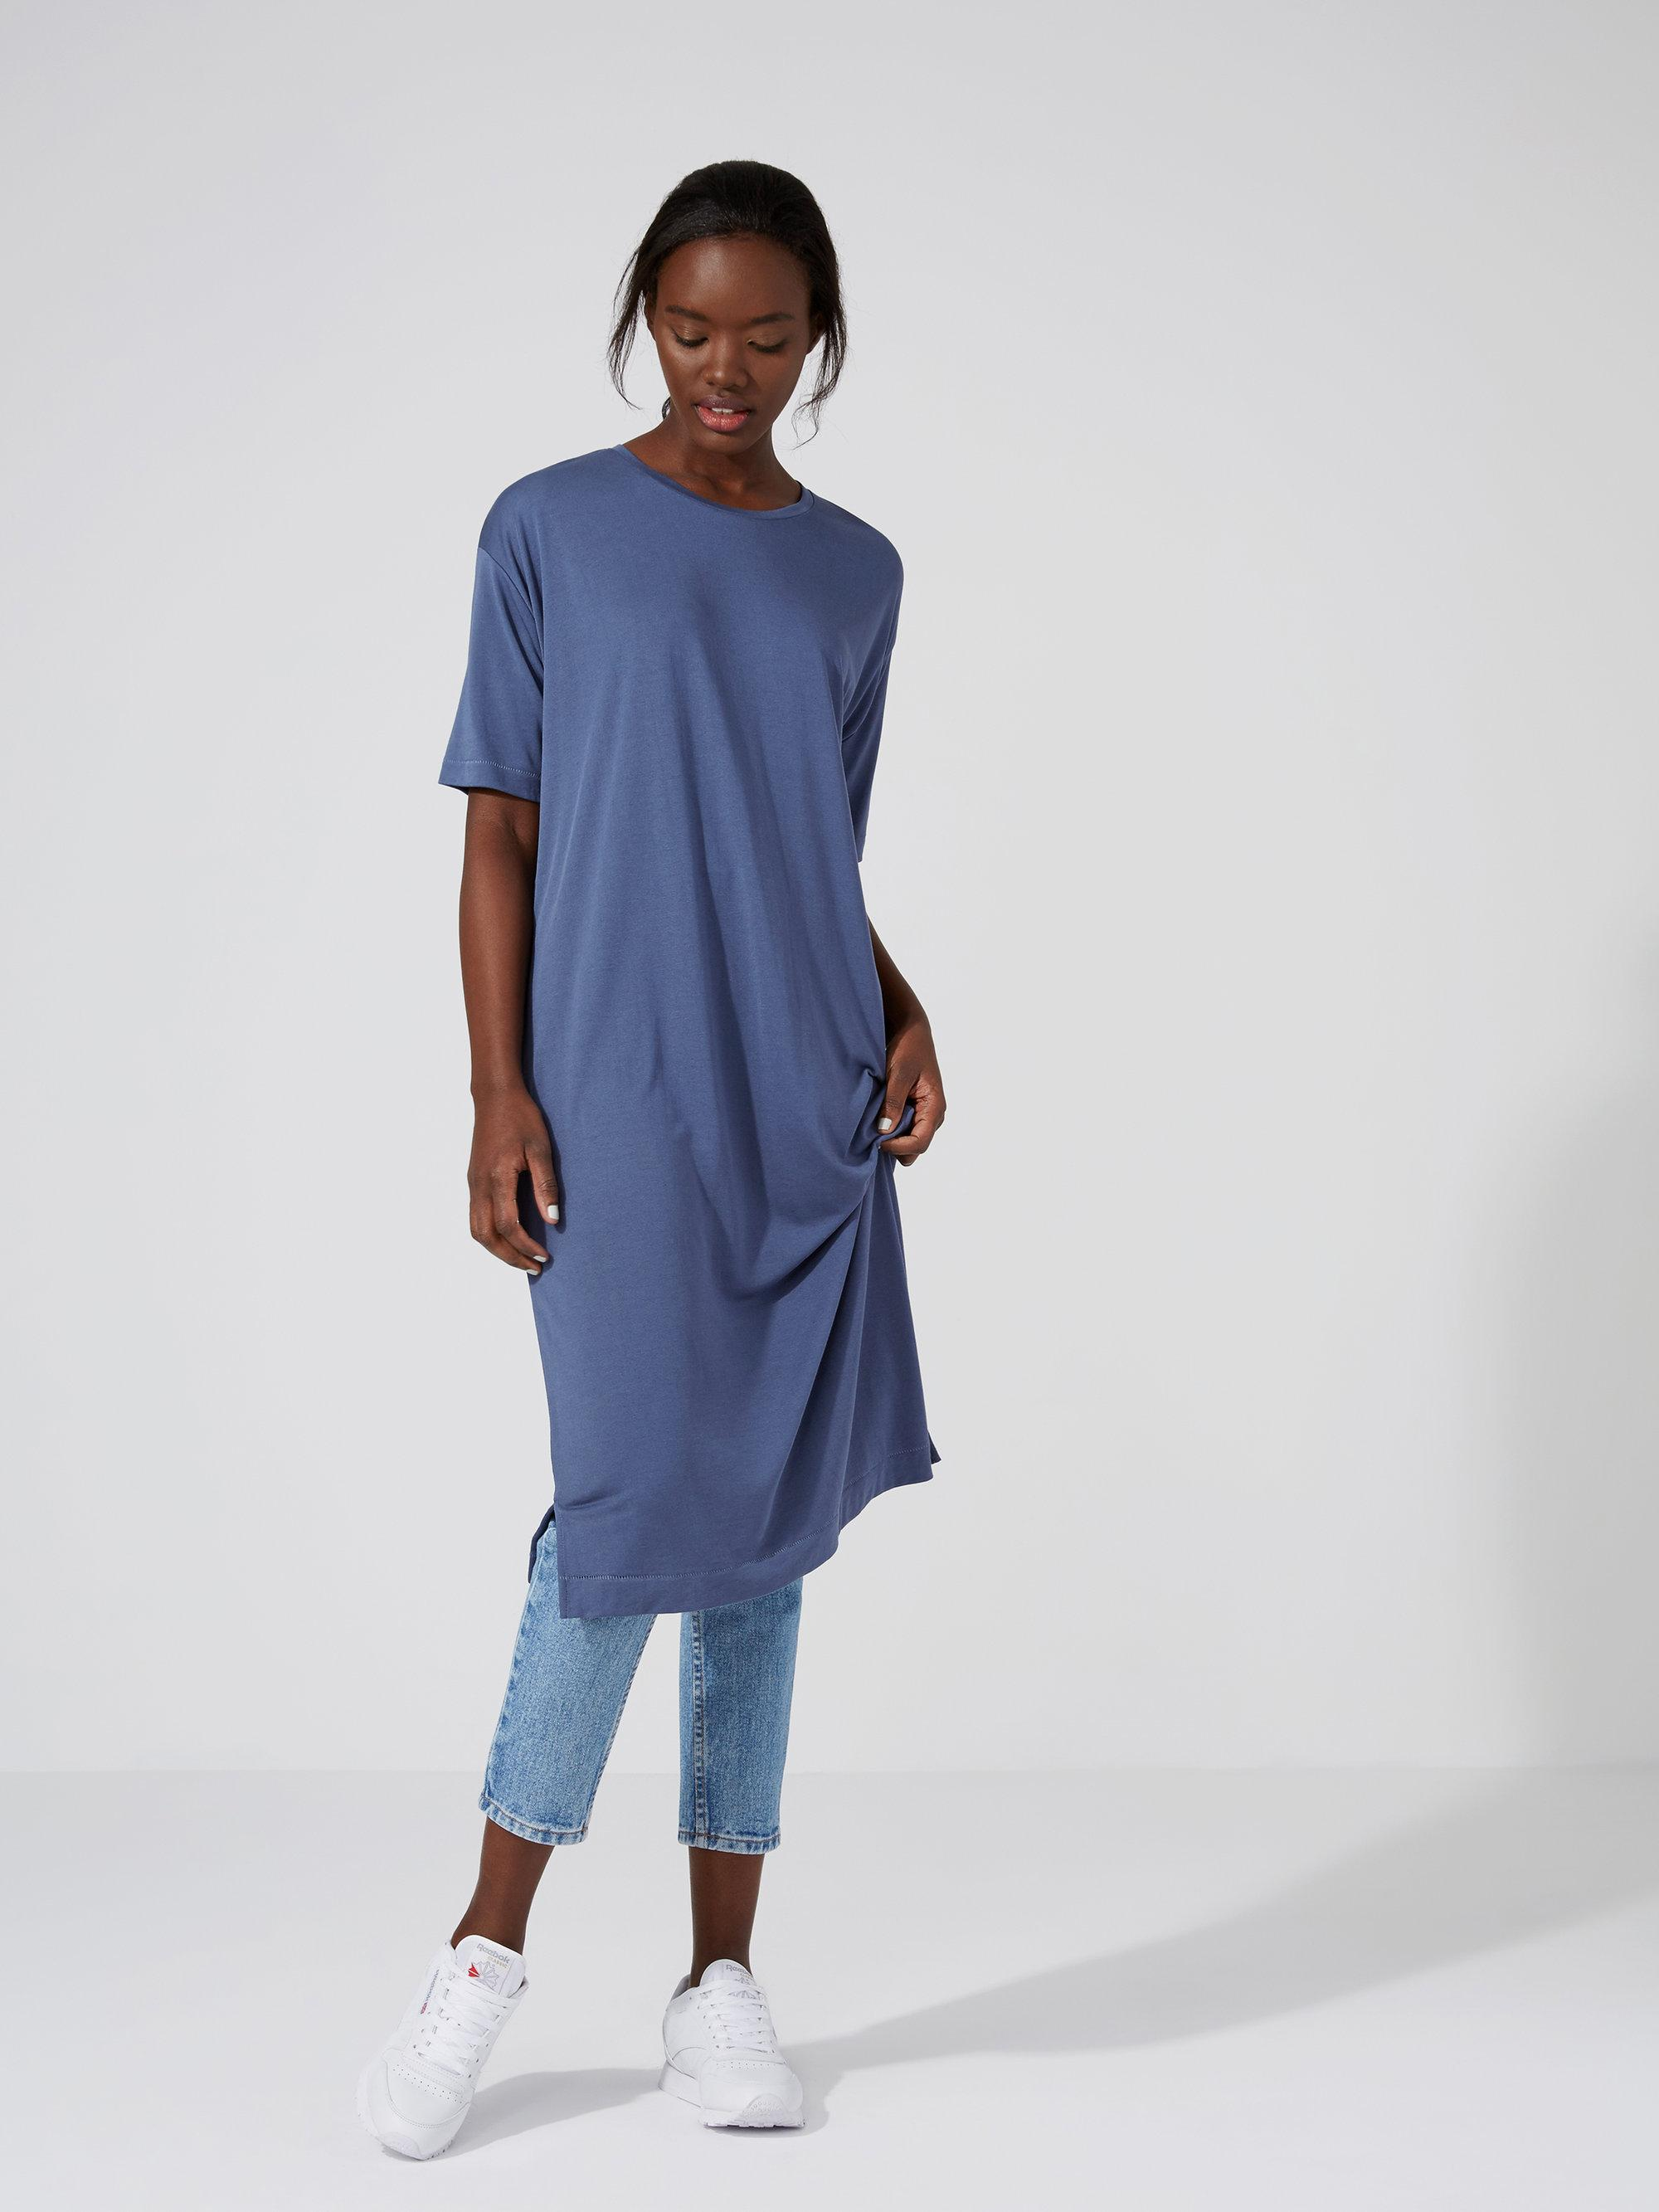 Frank oak fluid t shirt dress in vintage indigo in blue for Frank and oak shirt